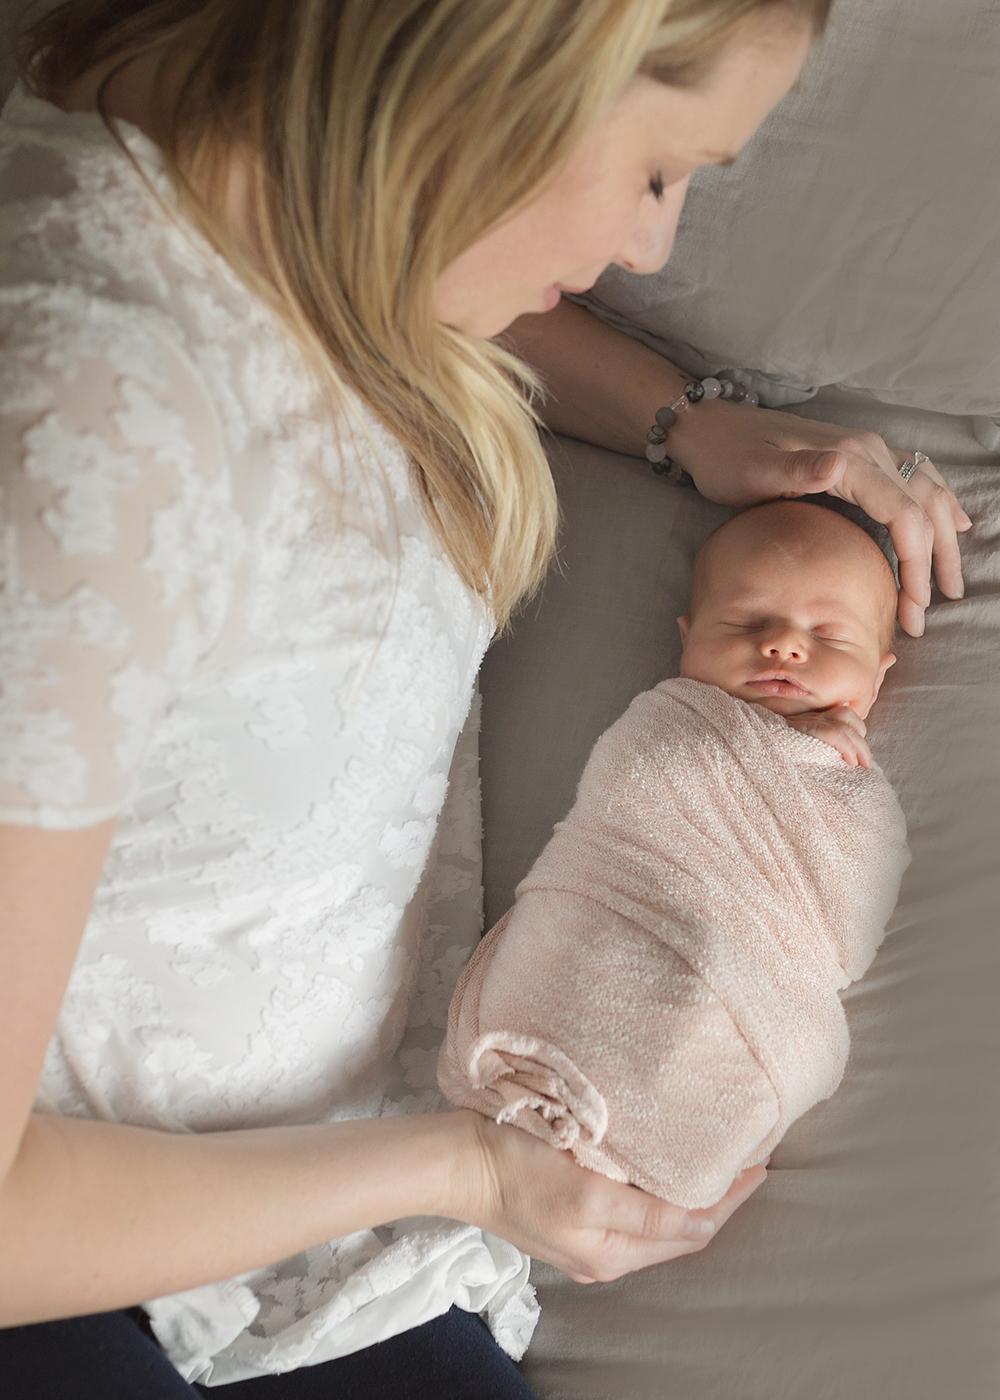 Edmonton Newborn Photographer_Baby Harlyn Sneak Peek 7.jpg